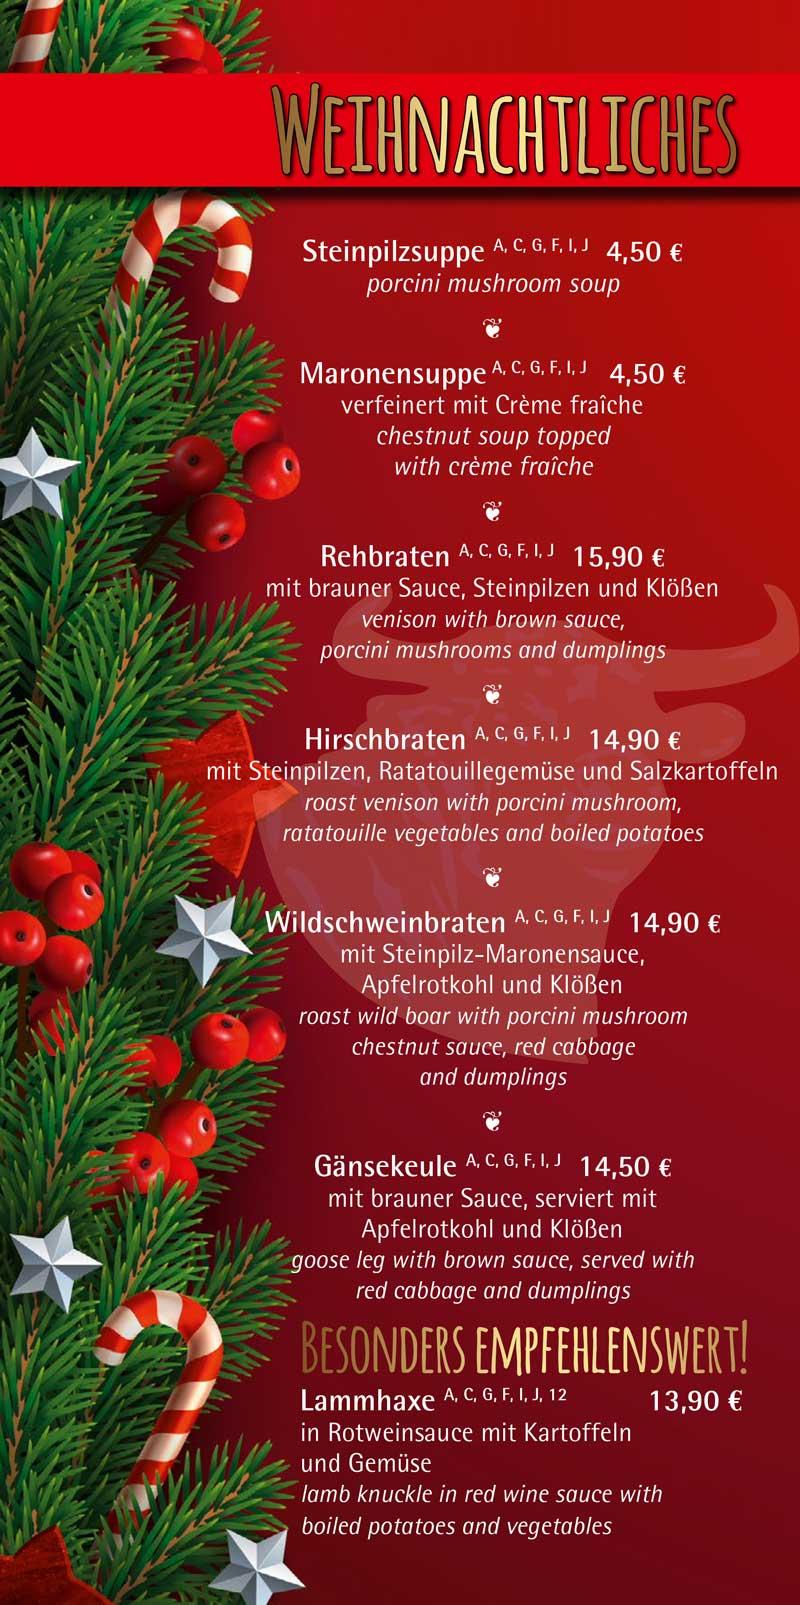 Einleger-Weihnachten